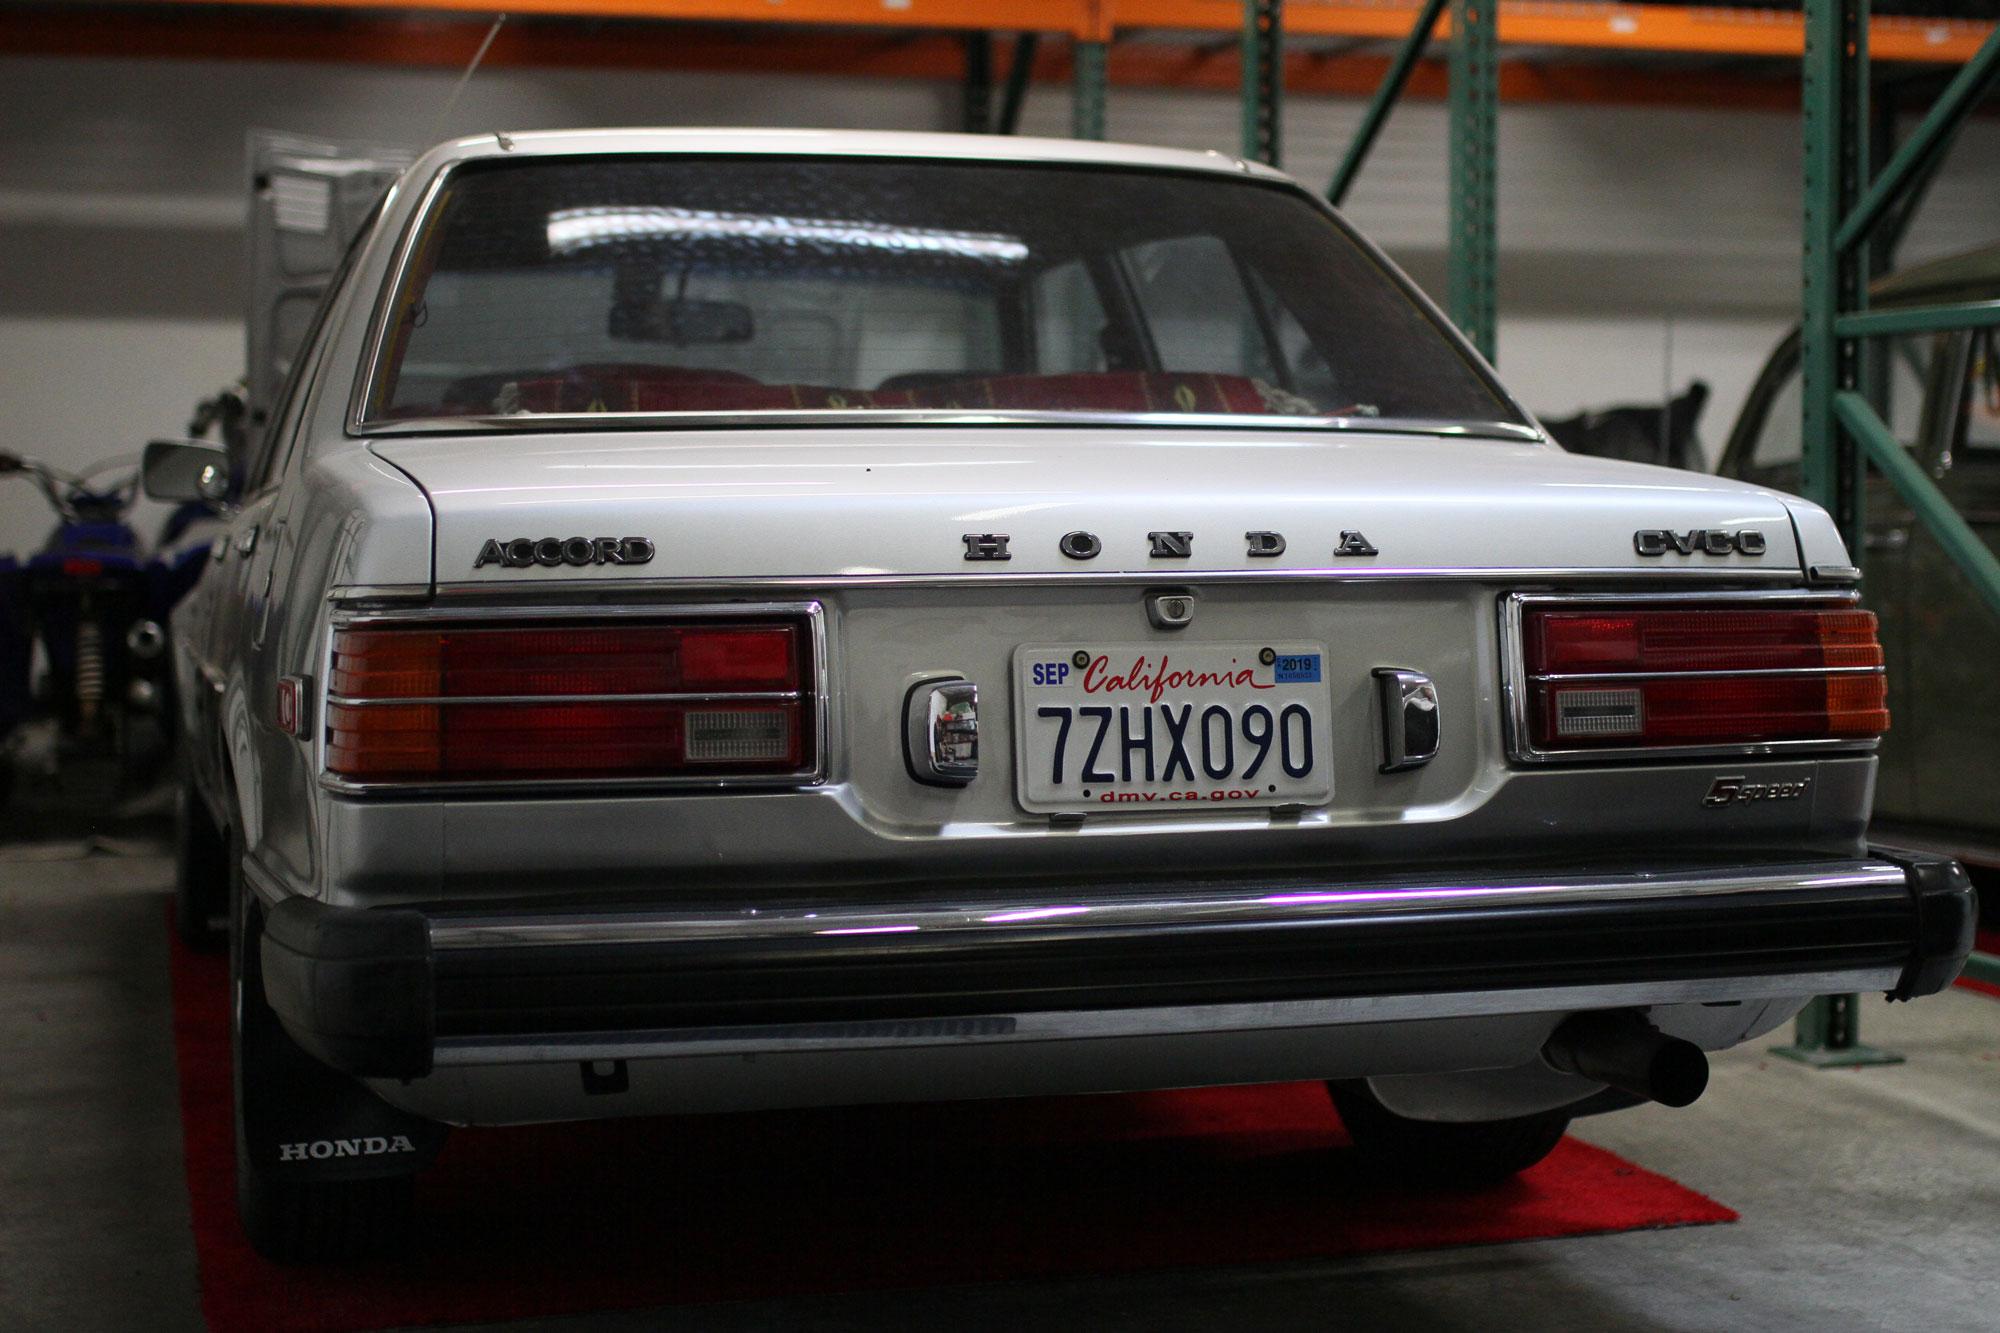 Honda Accord 1979 Sleeper bil med B18 motor